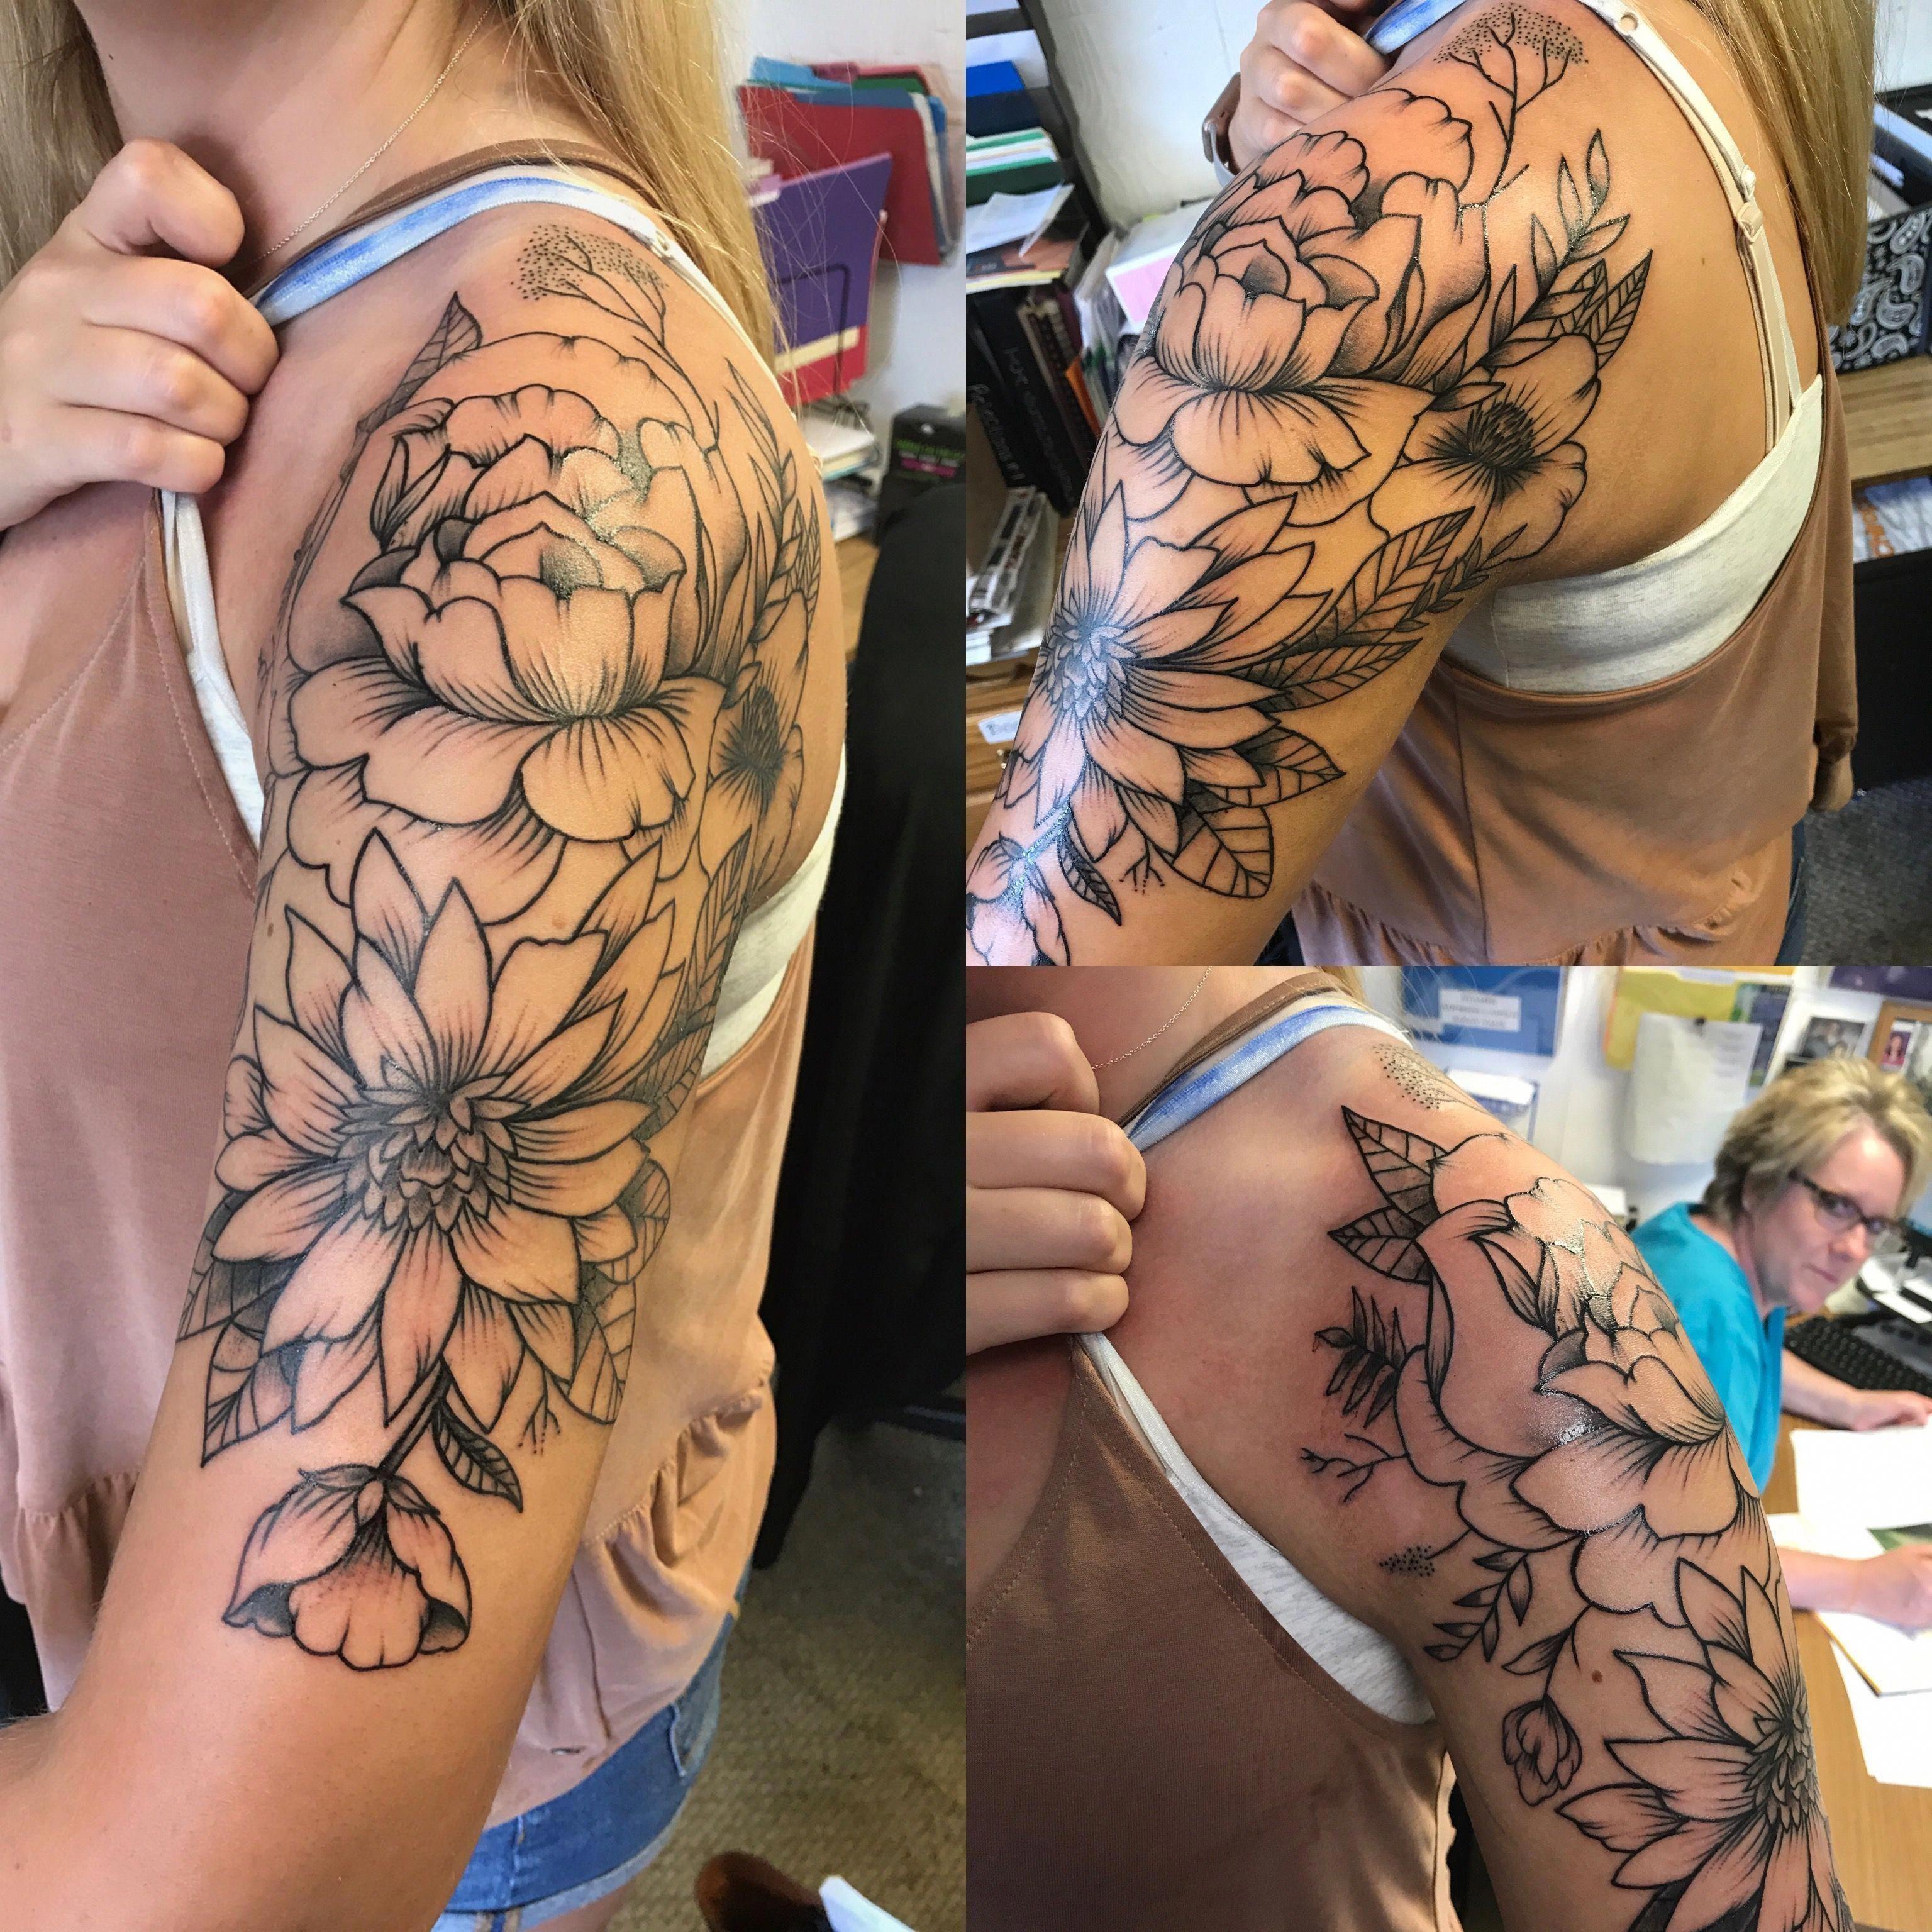 Pin By Yannihoe On Birthday Ideas In 2020 Sleeve Tattoos For Women Half Sleeve Tattoo Sleeve Tattoos